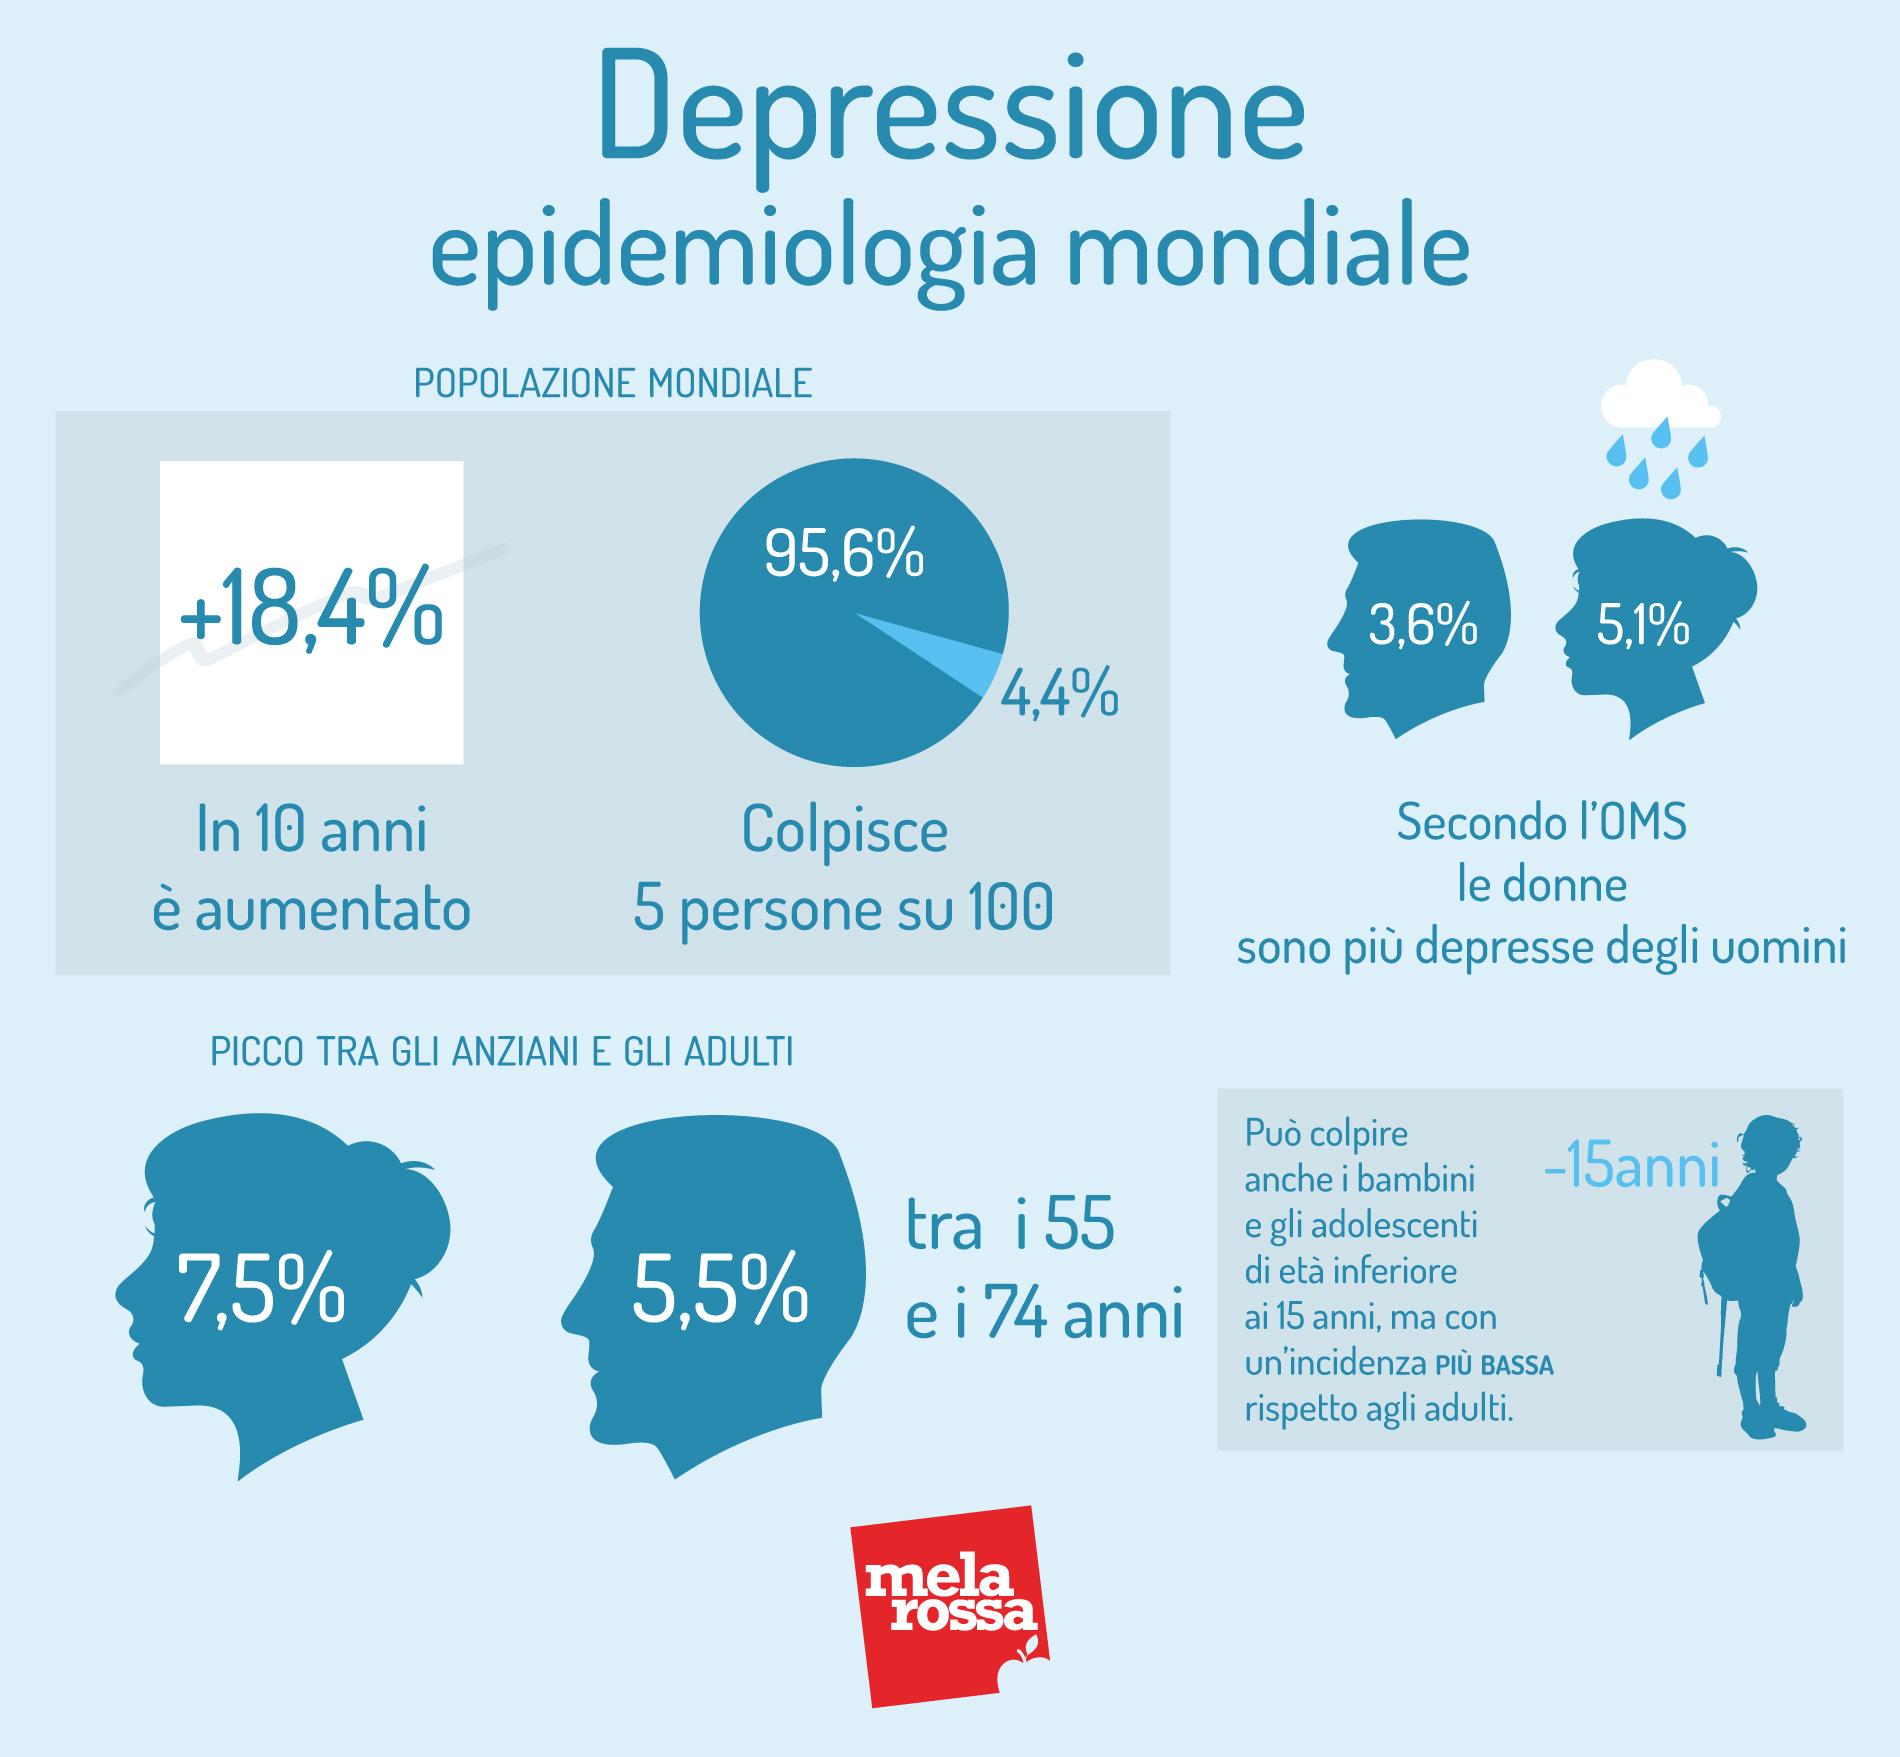 depresión: epidemiología mundial